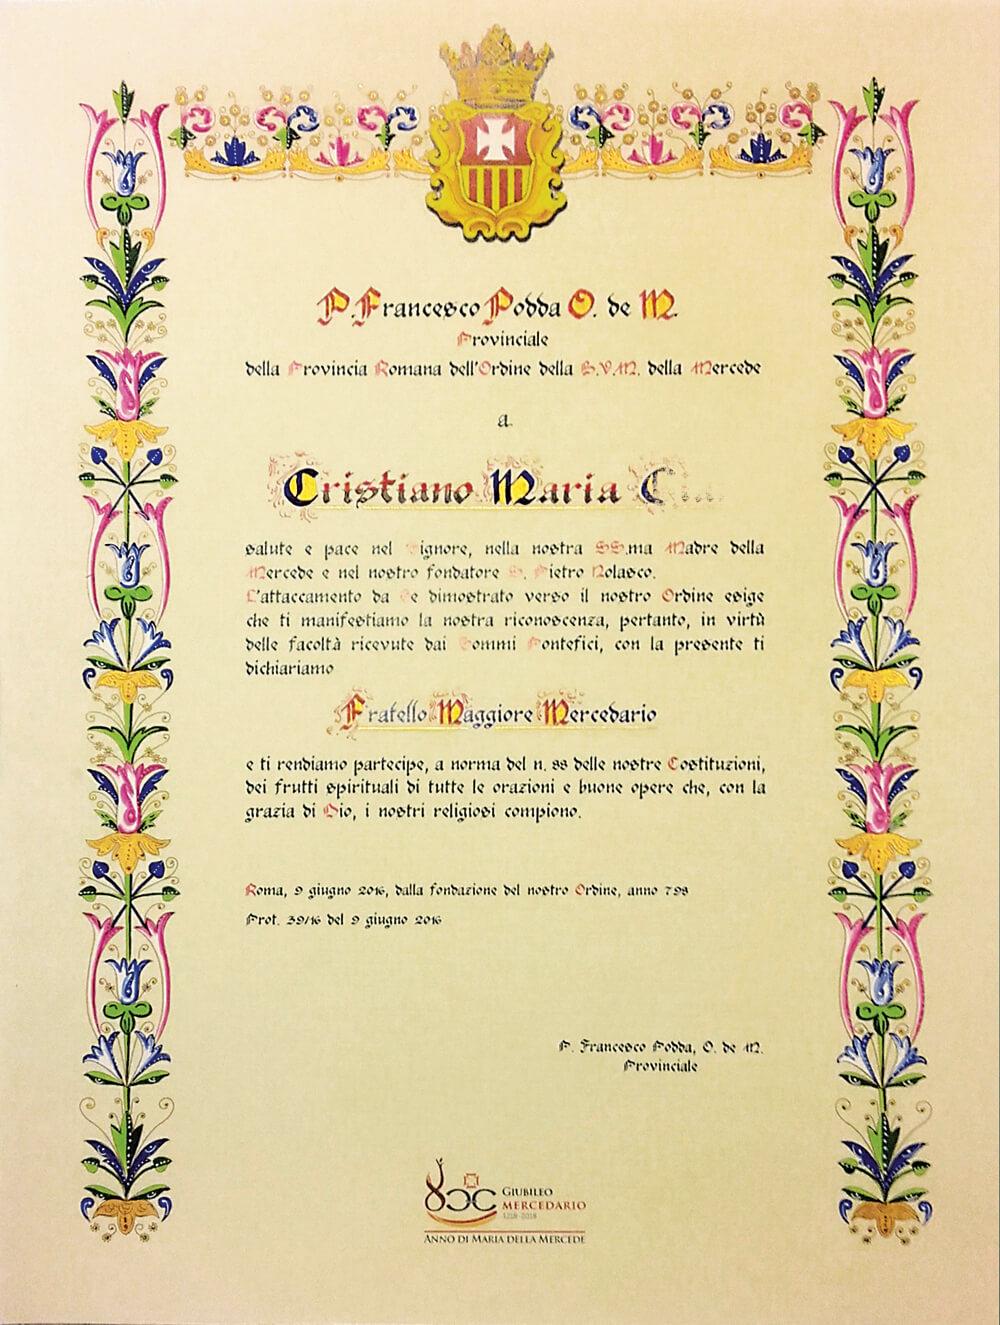 Pergamena per affiliazione ordine religioso dipinta a mano